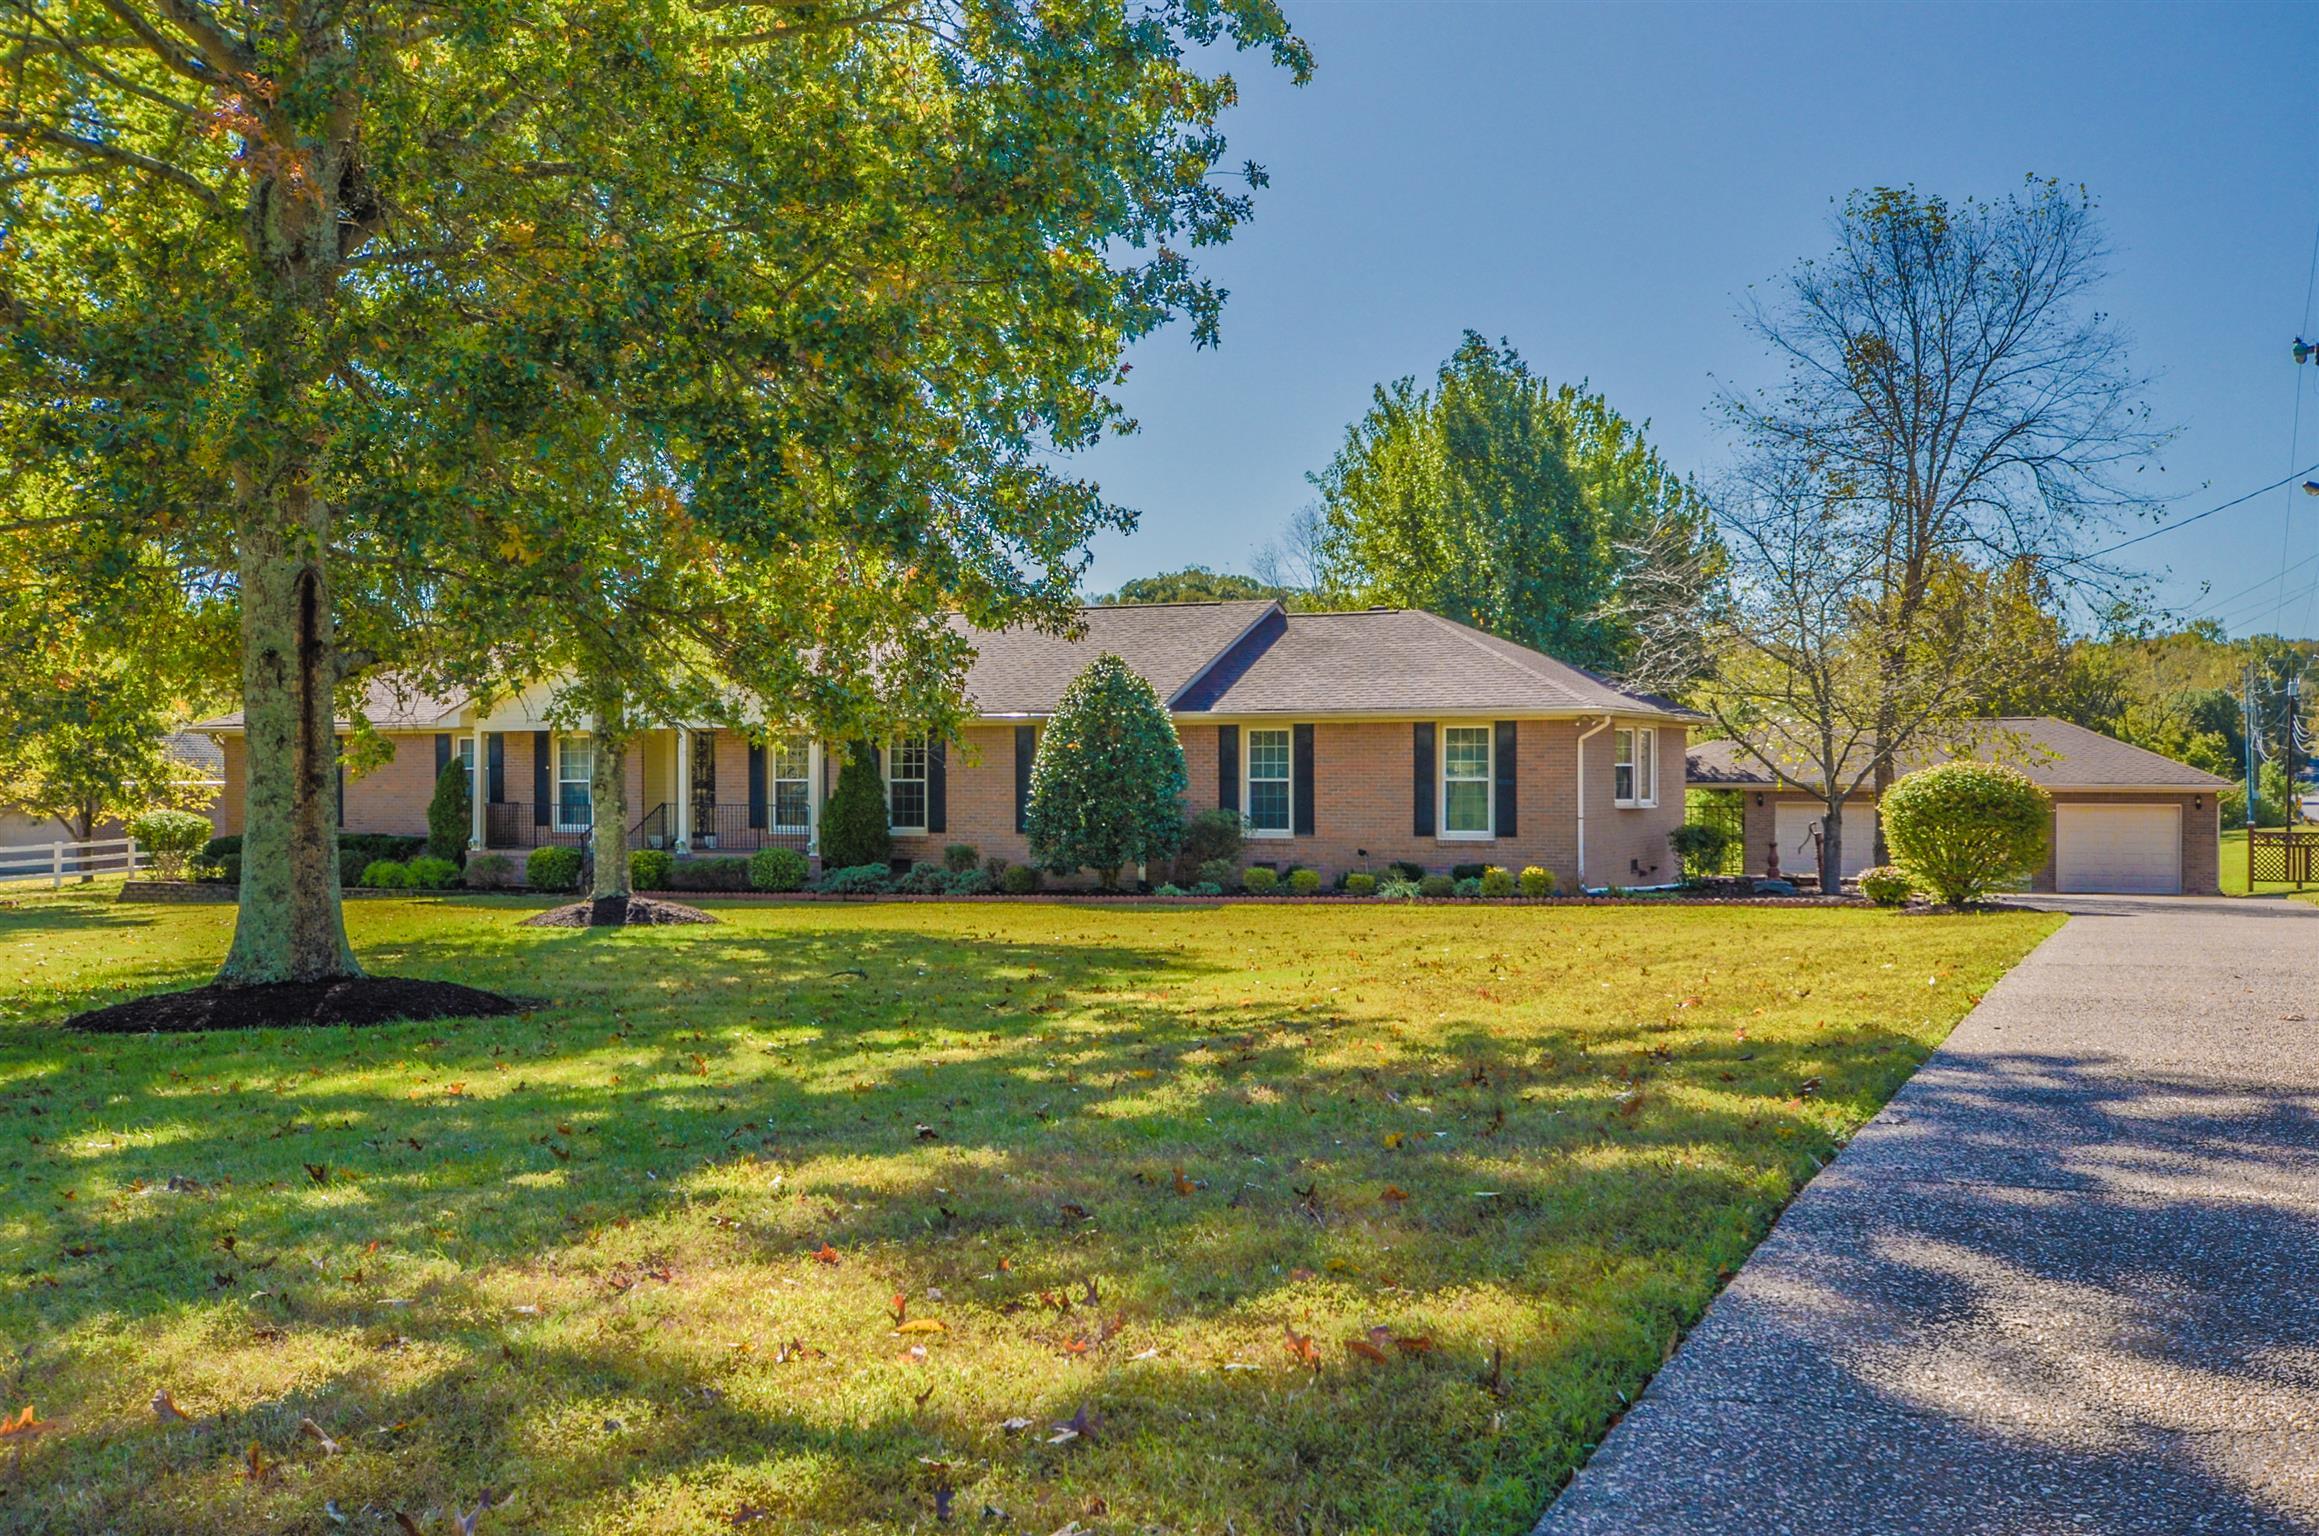 6575 Holt Rd, Nashville, TN 37211 - Nashville, TN real estate listing